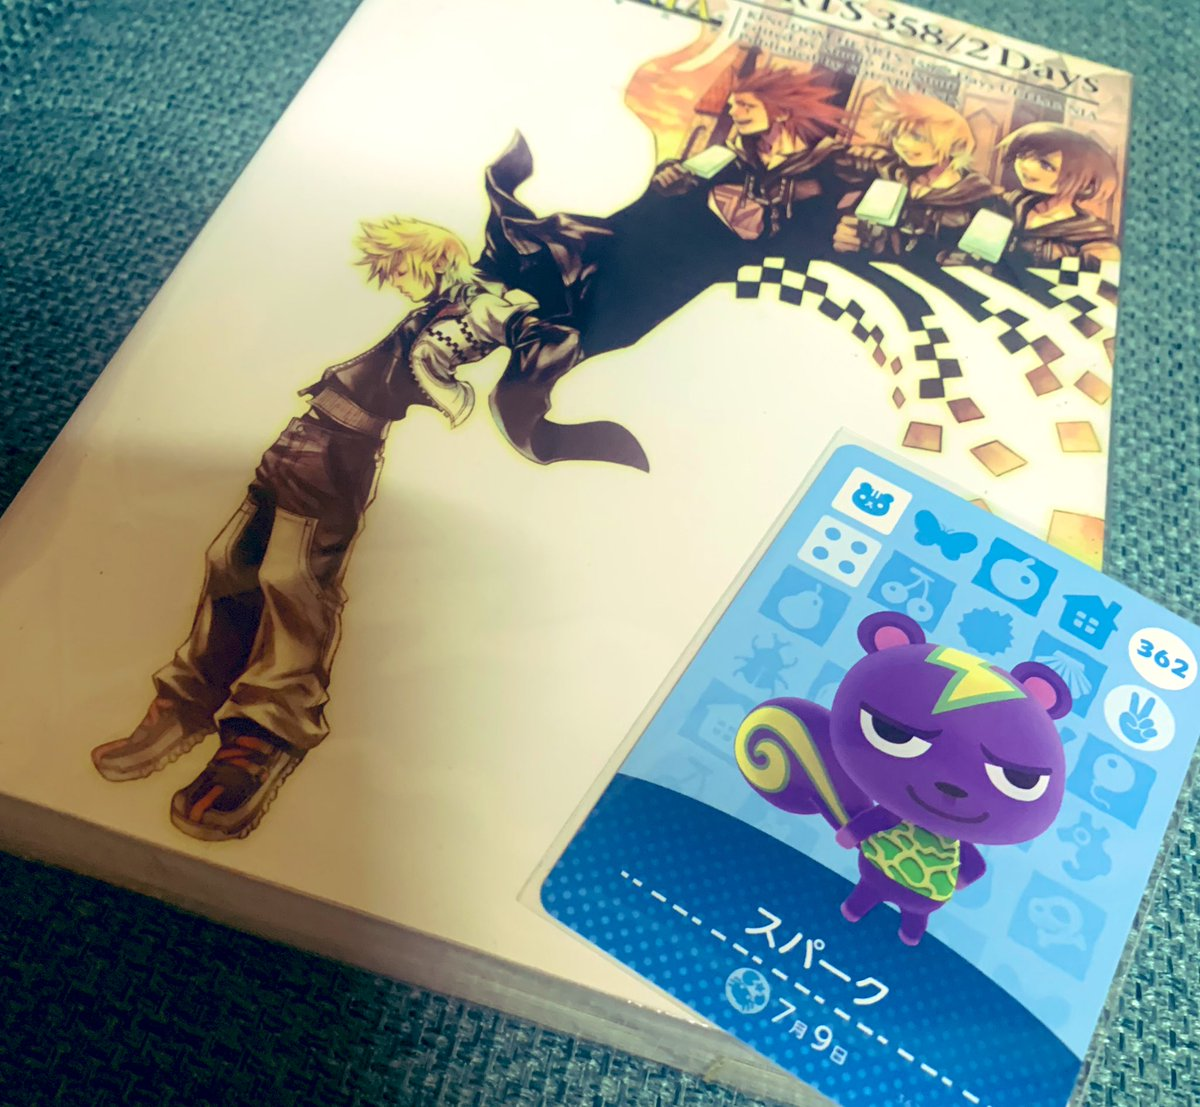 キングダムハーツの攻略本買いに行った万代で500円のamiiboカードガチャ引いたらスパークくん出た〜!!!!攻略本間違えて買っちゃったけど、全然オッケー👌✨✨5億年ぶりにあつ森やりたくなった☺️(でも雑草とGが怖くてできない…)